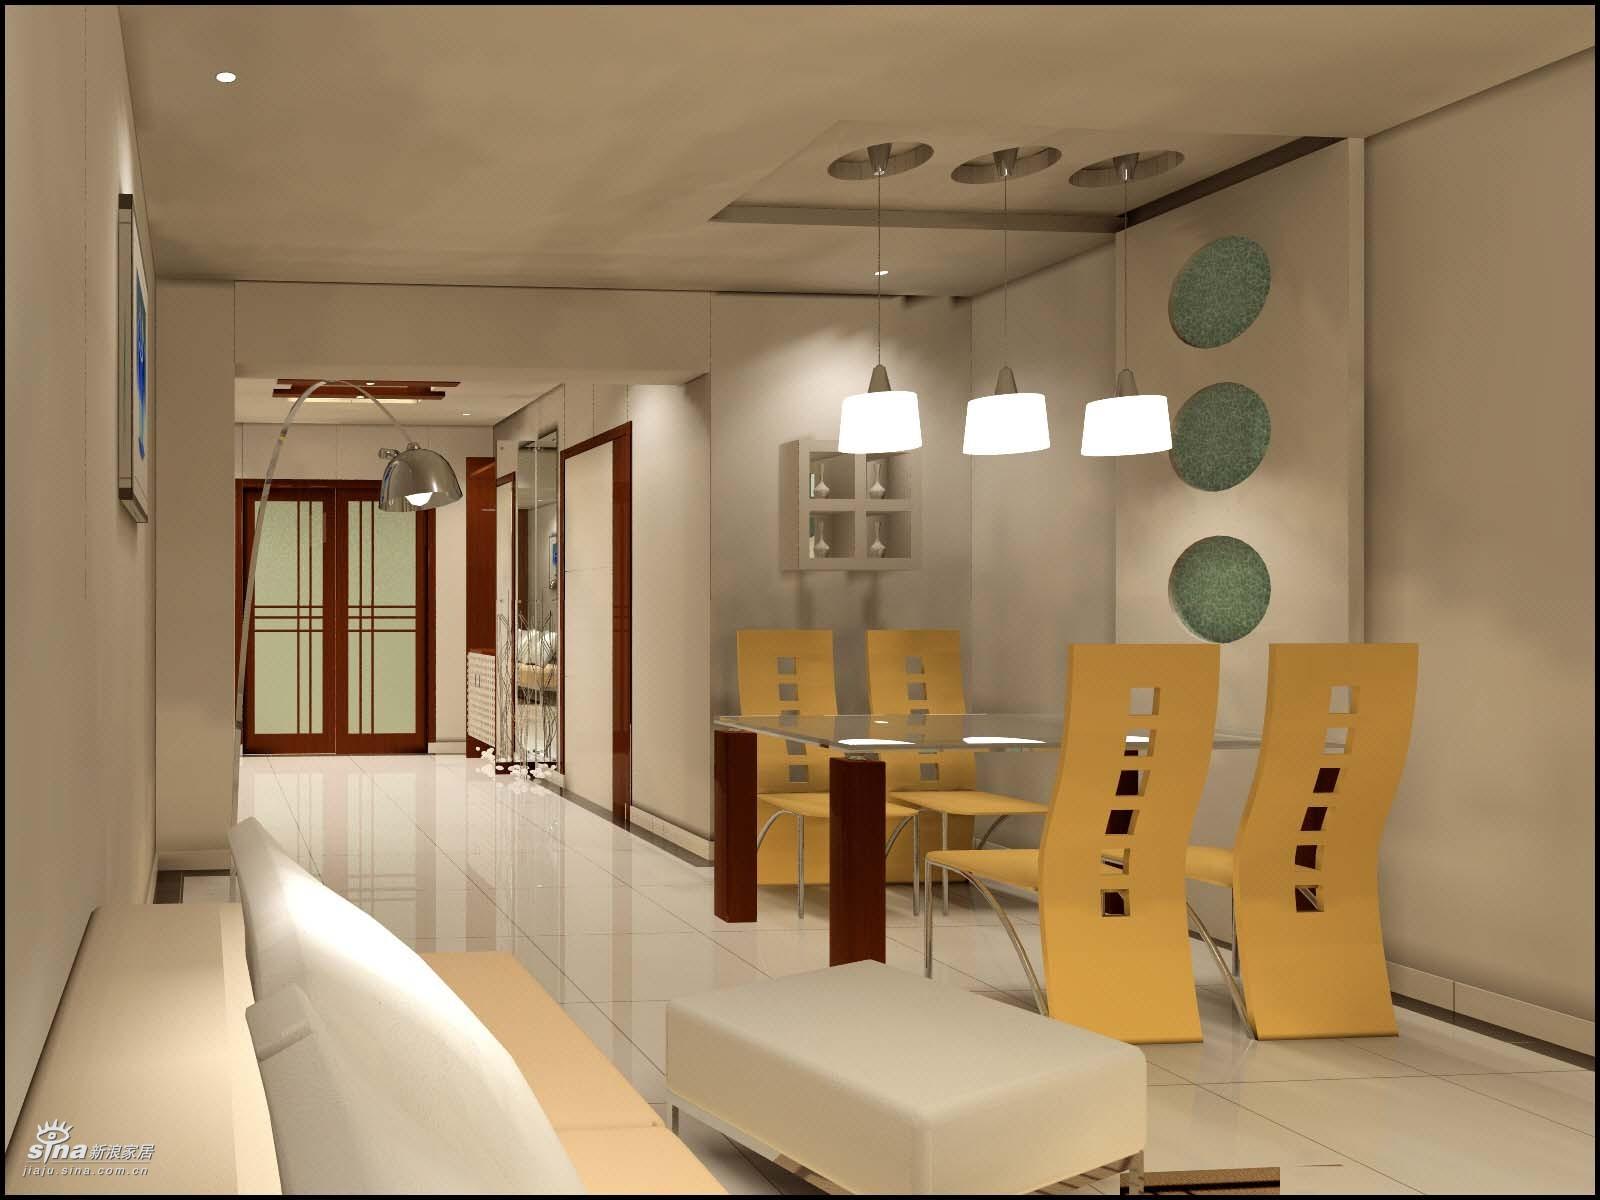 简约 二居 餐厅图片来自用户2739153147在艺术生活 文静色彩更具哲学57的分享